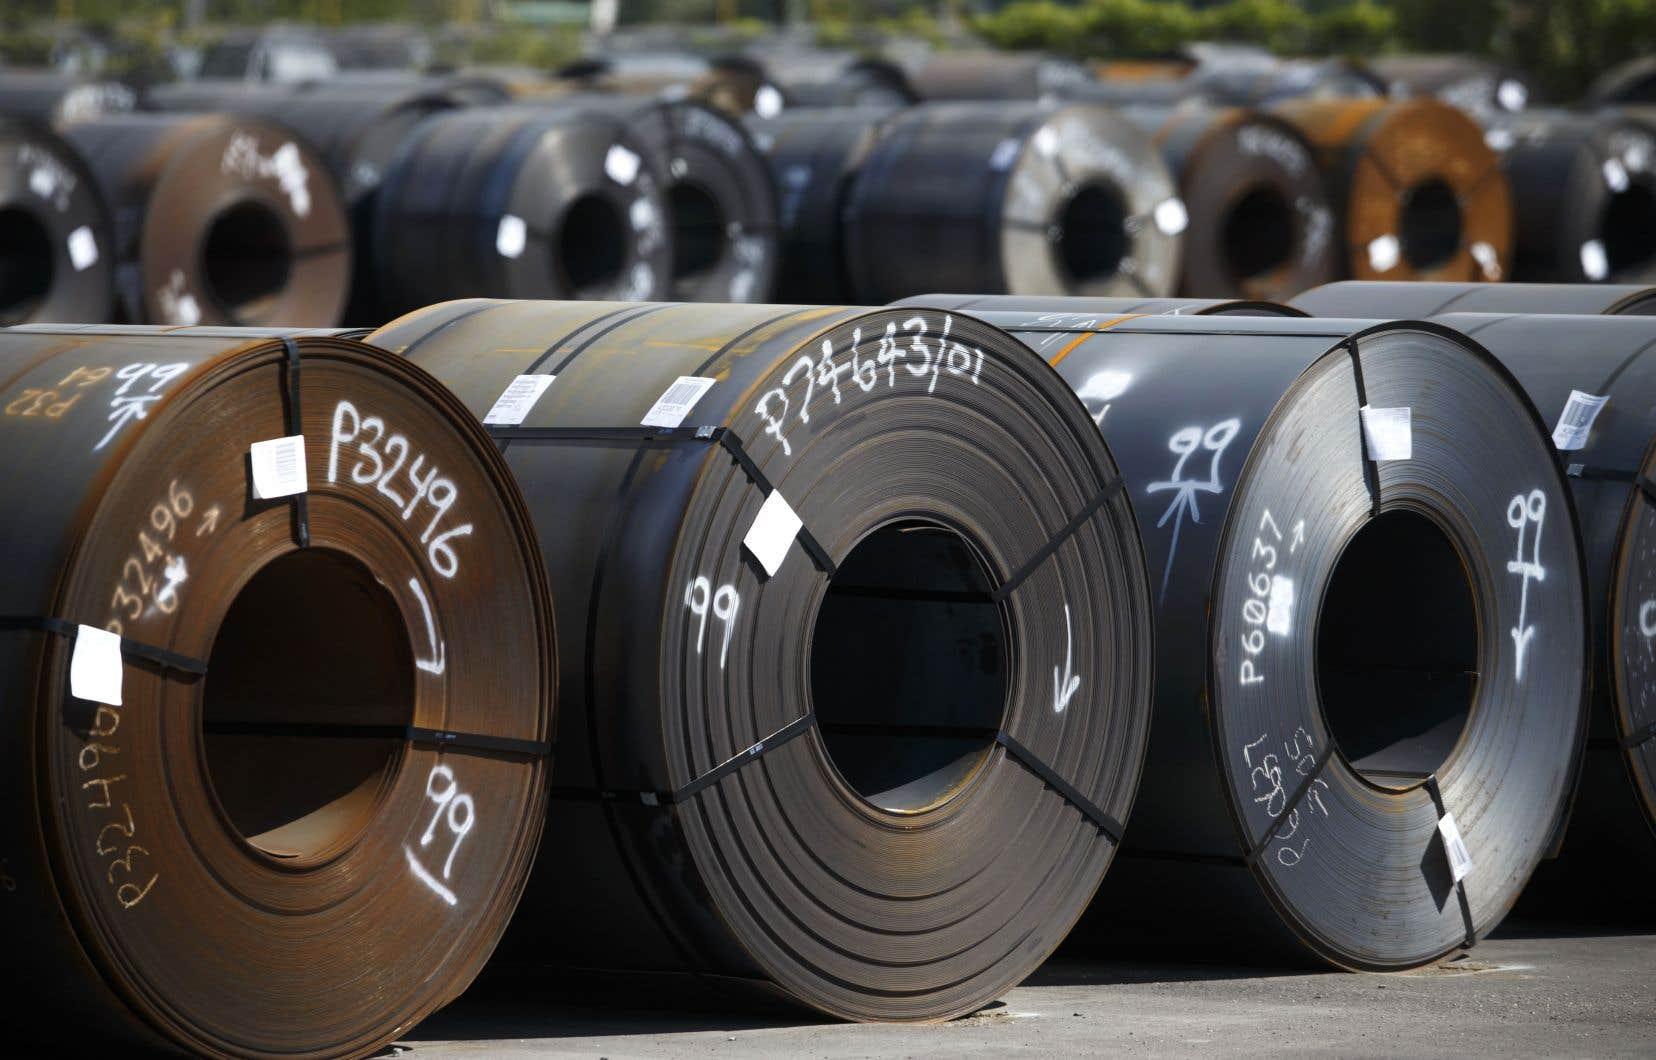 L'Association canadienne des producteurs d'acier applaudit à la version amendée de l'ACEUM et exhorte les trois gouvernements nord-américains à le ratifier rapidement.